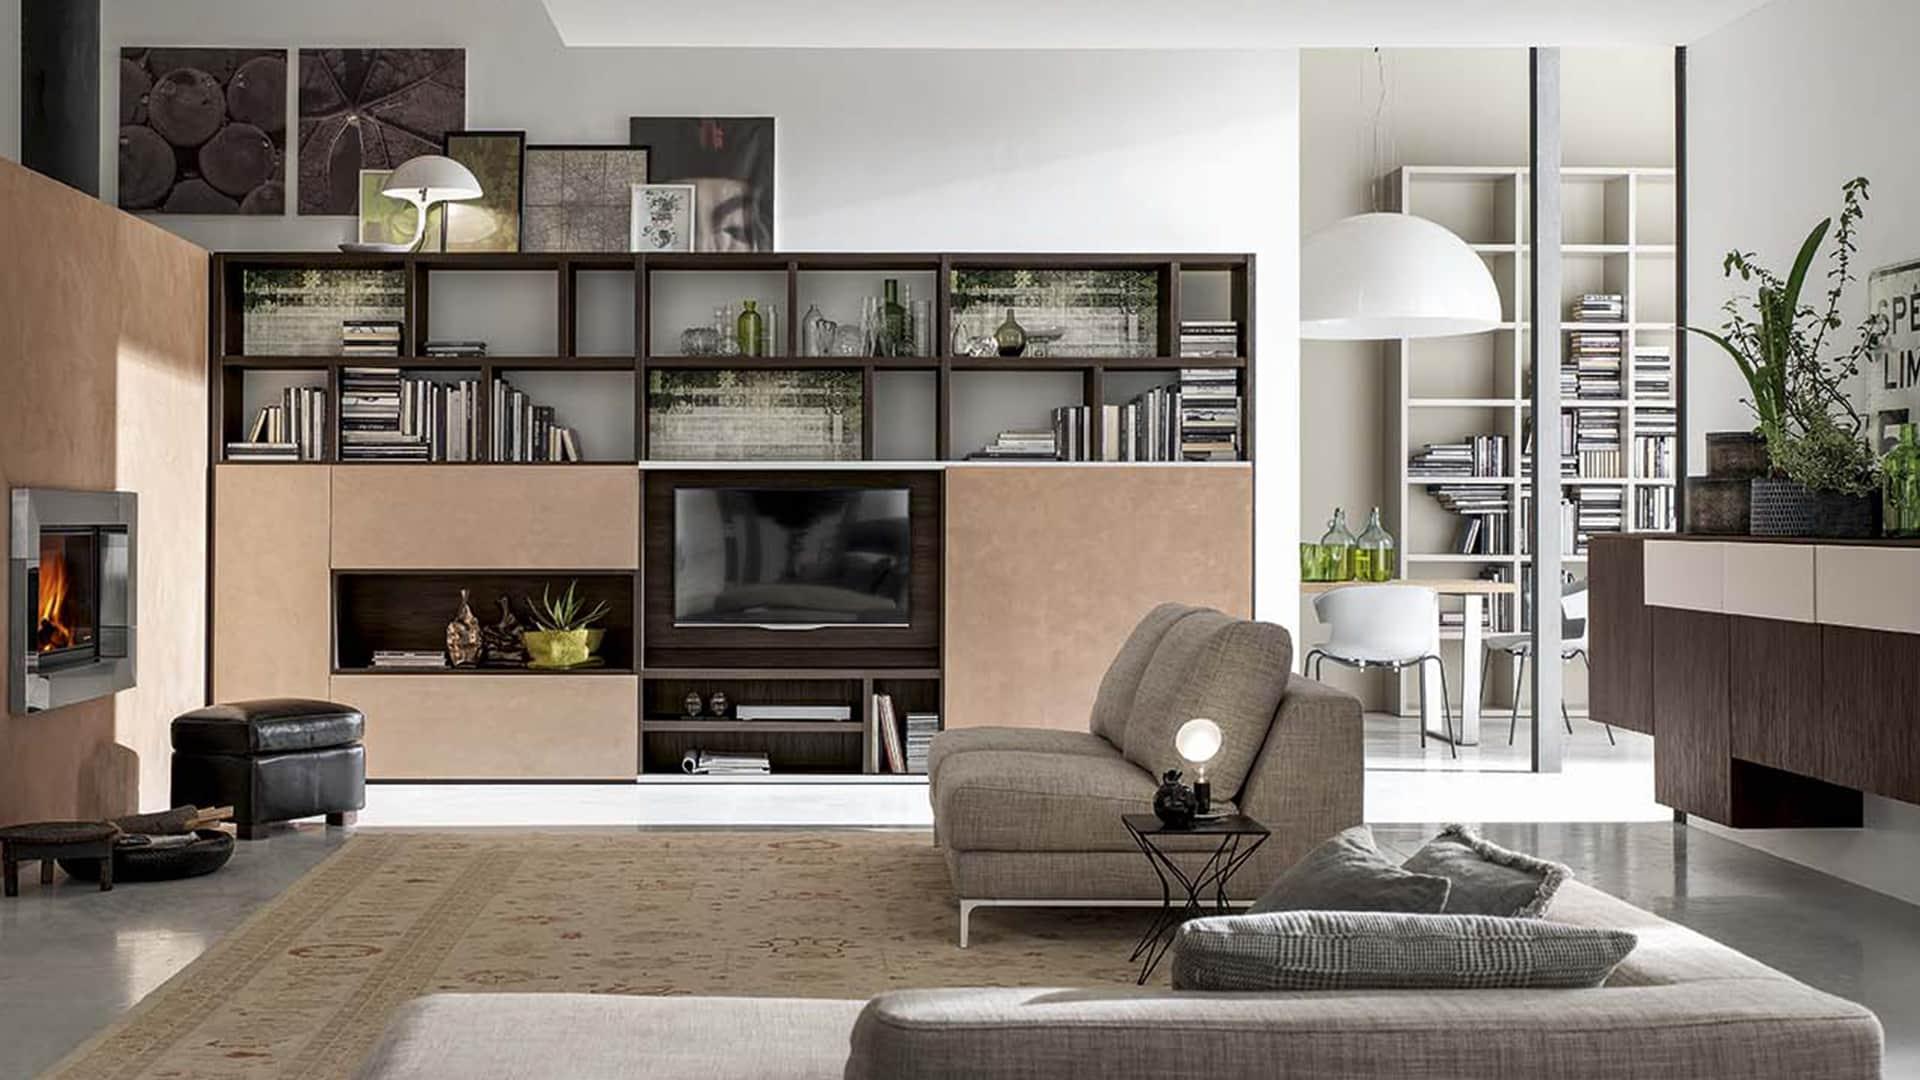 Vendita di mobili per soggiorno a padova mobili da for Coin arredamento catalogo